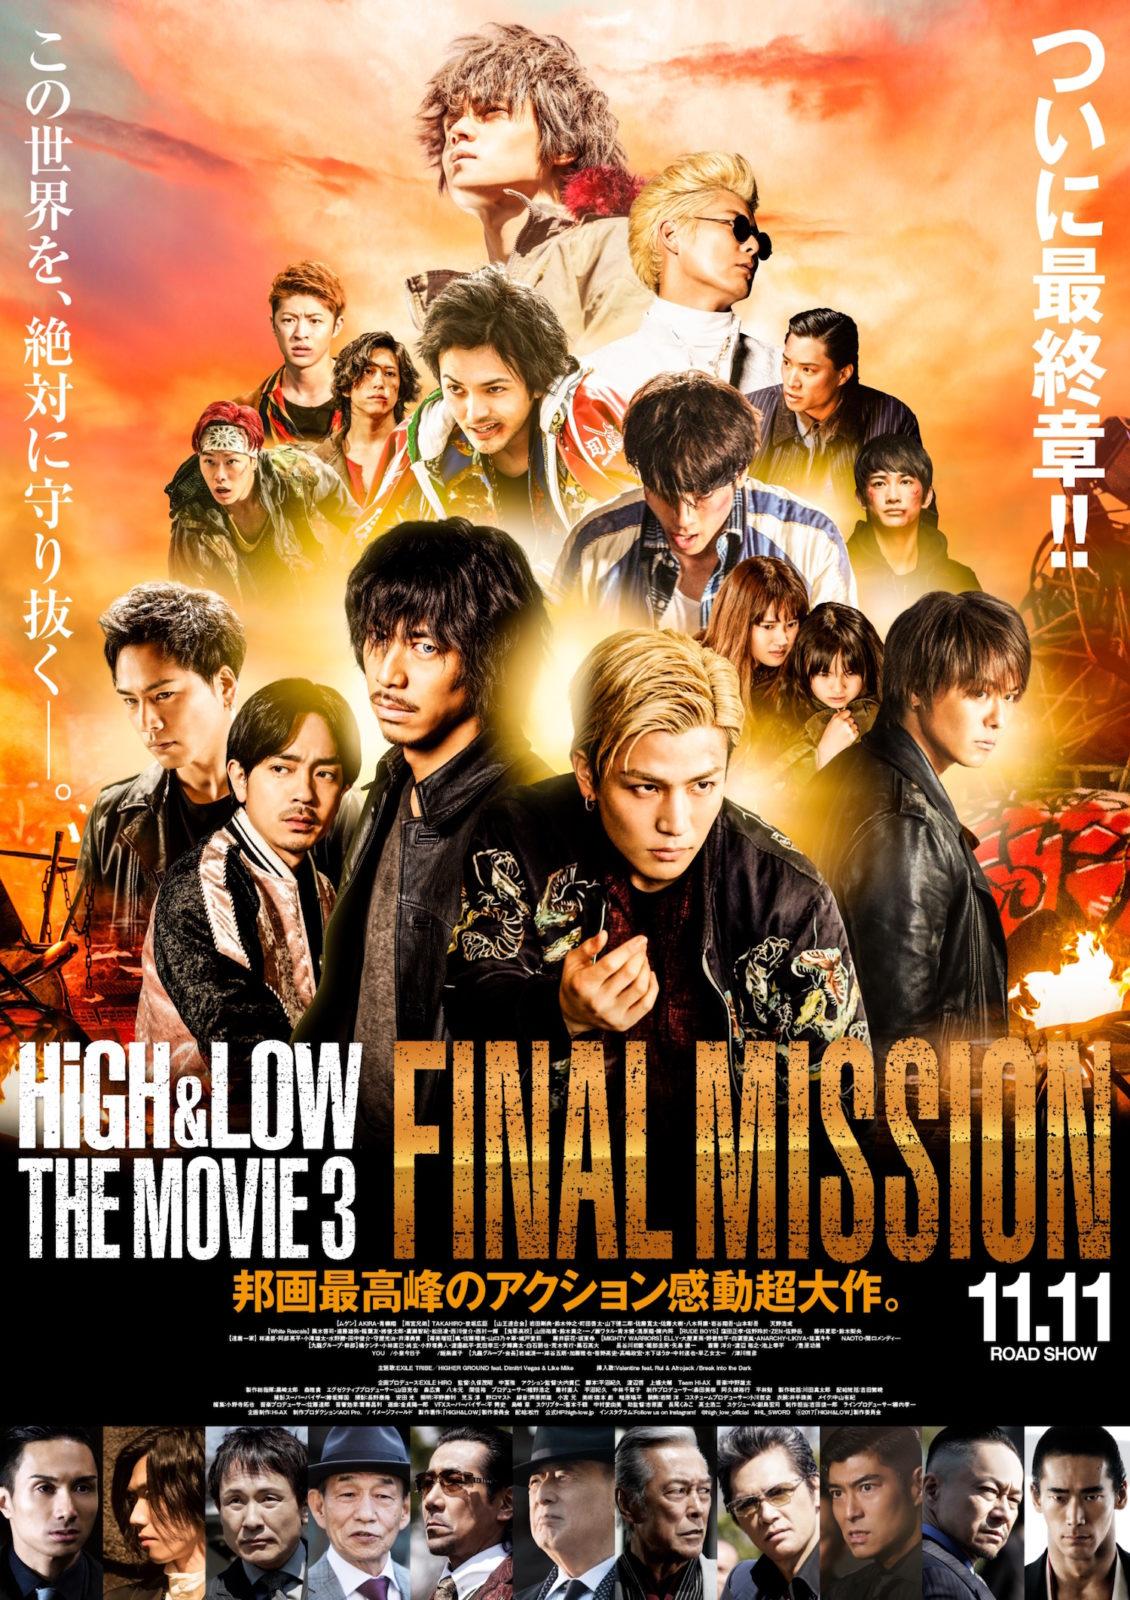 映画「HiGH&LOW THE MOVIE 3 / FINAL MISSION」の興行収入10億円突破でシリーズ4作連続の快挙サムネイル画像